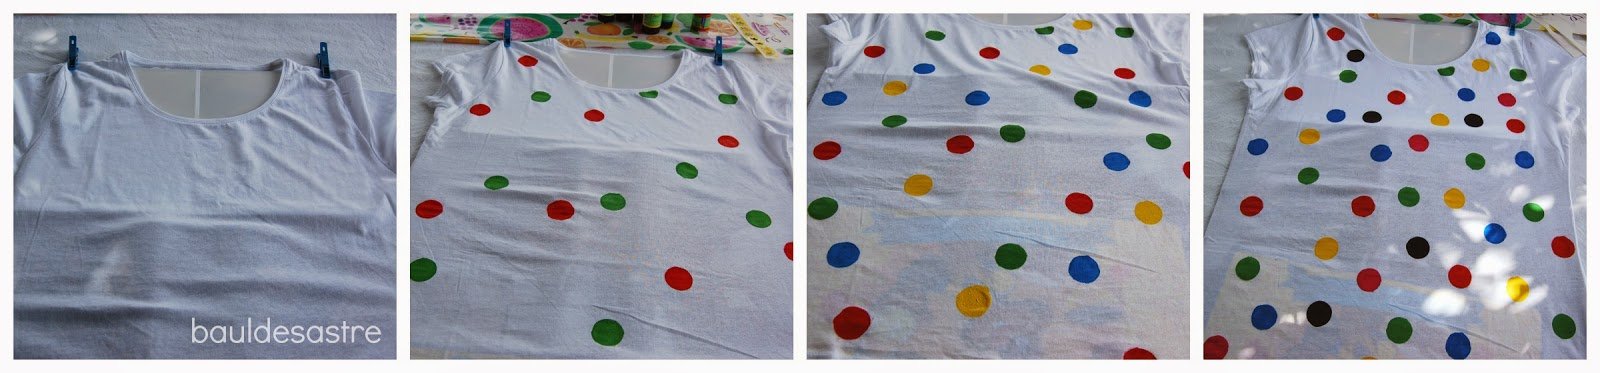 dfad71a9e861f Podemos hacer mil y una combinaciones de colores